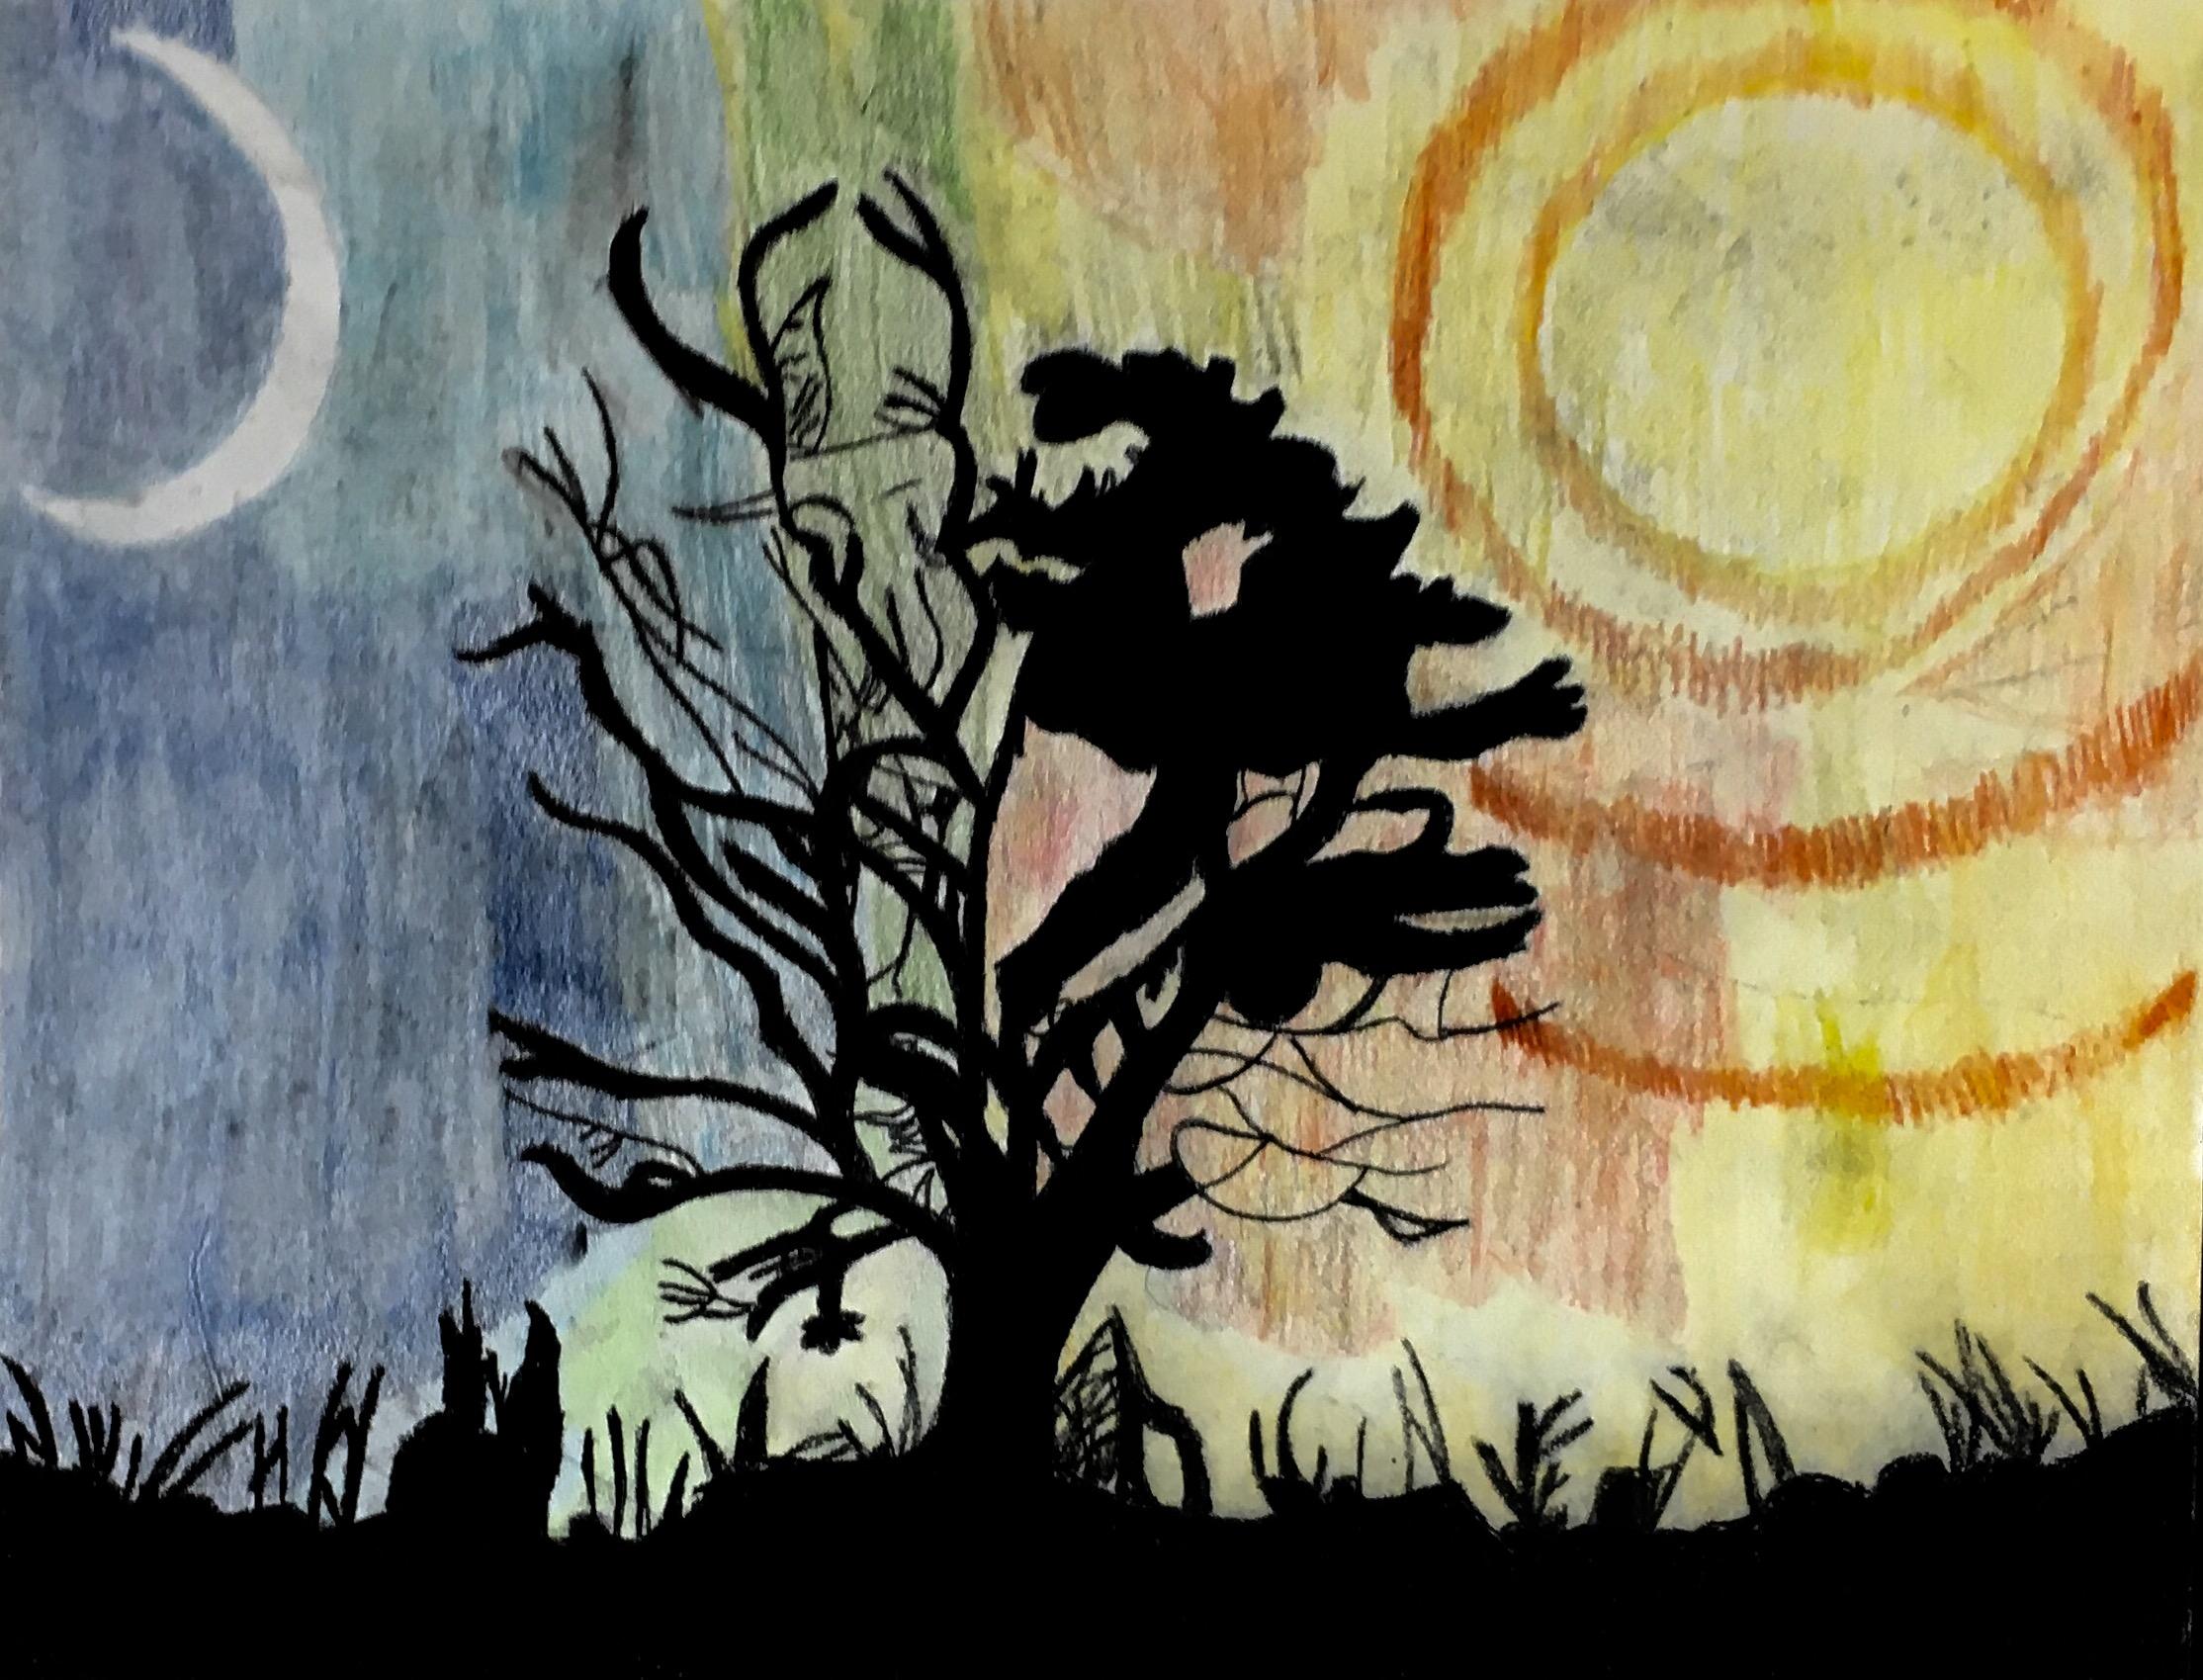 ARTWORK by JA-REYCE S